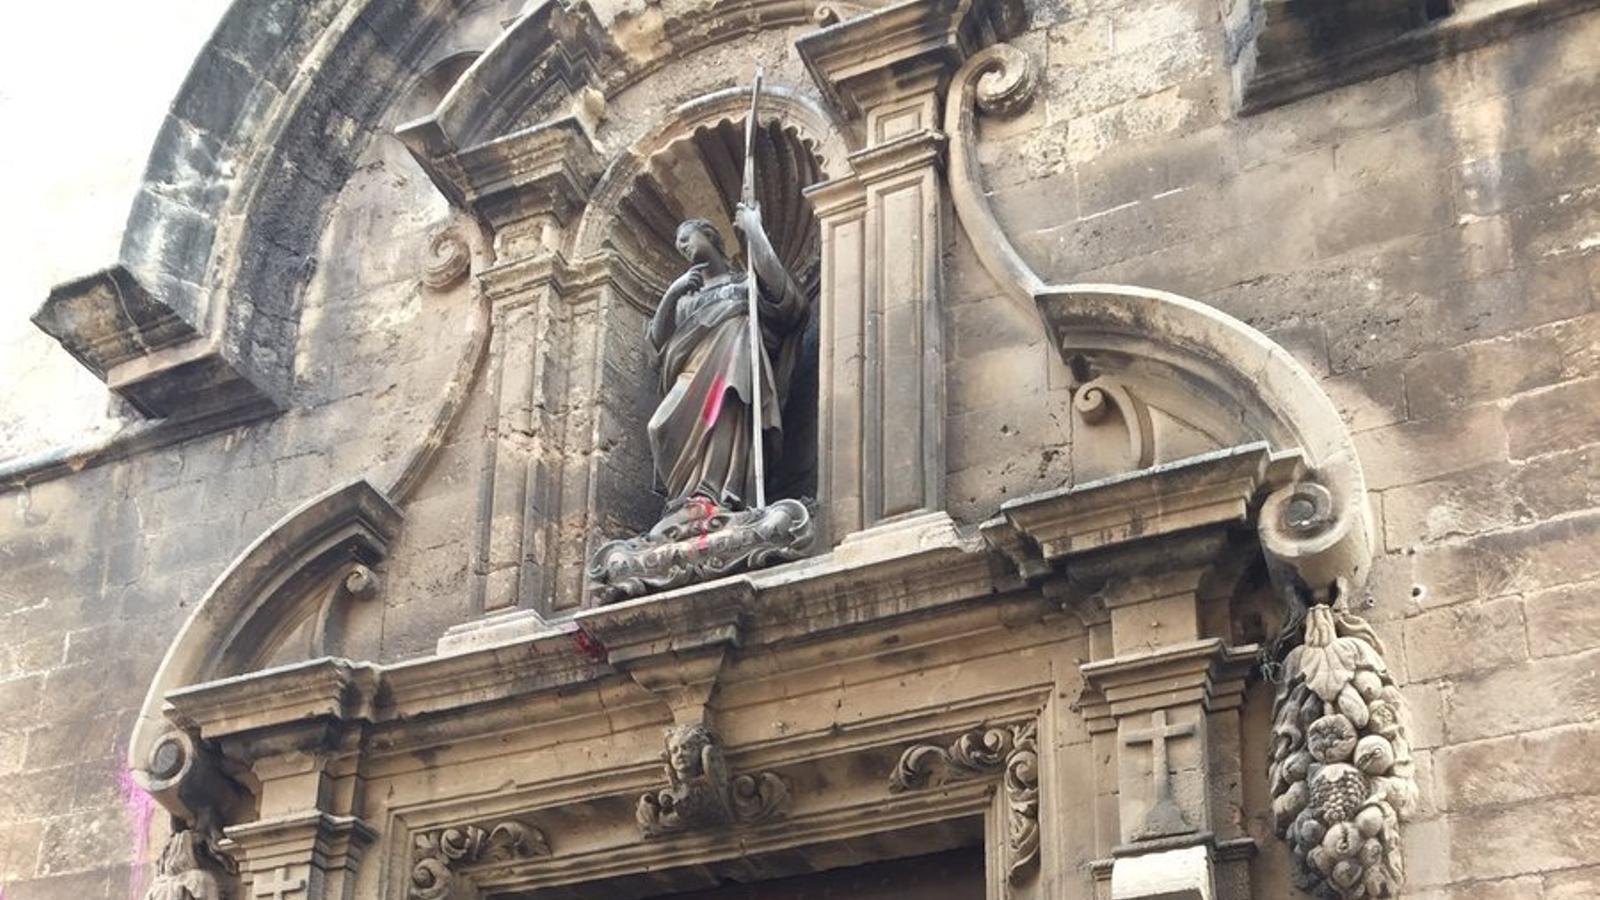 L'evangeli de Santa Creu segons Matilde Landa. / J. F.